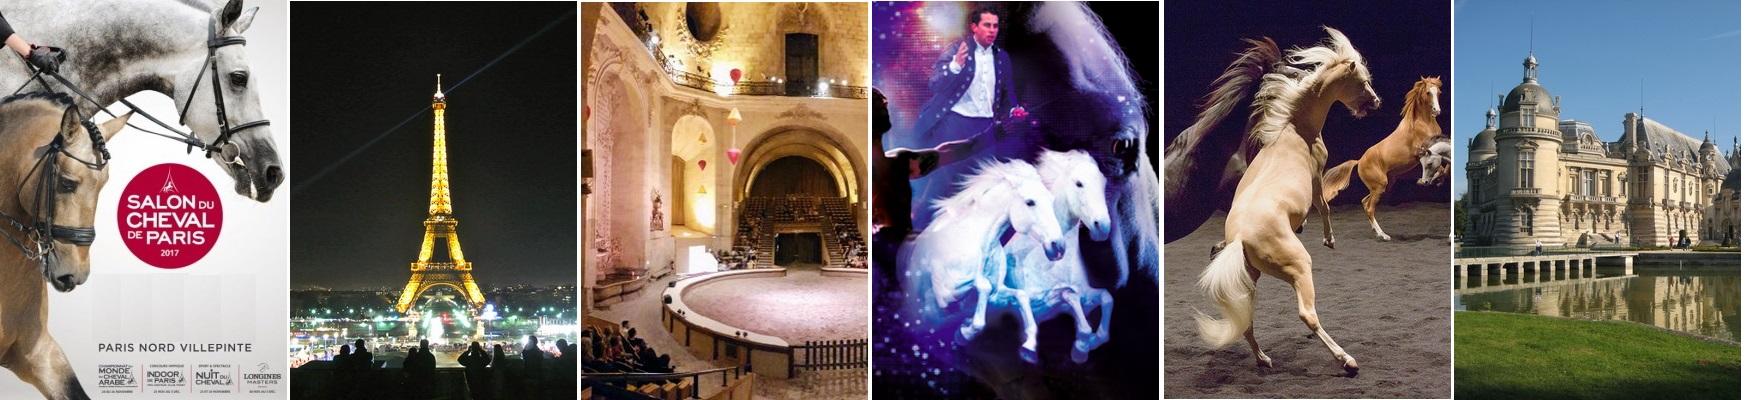 Салон дю Шеваль 2018 и Париж - фото , , конный журнал EquiLIfe